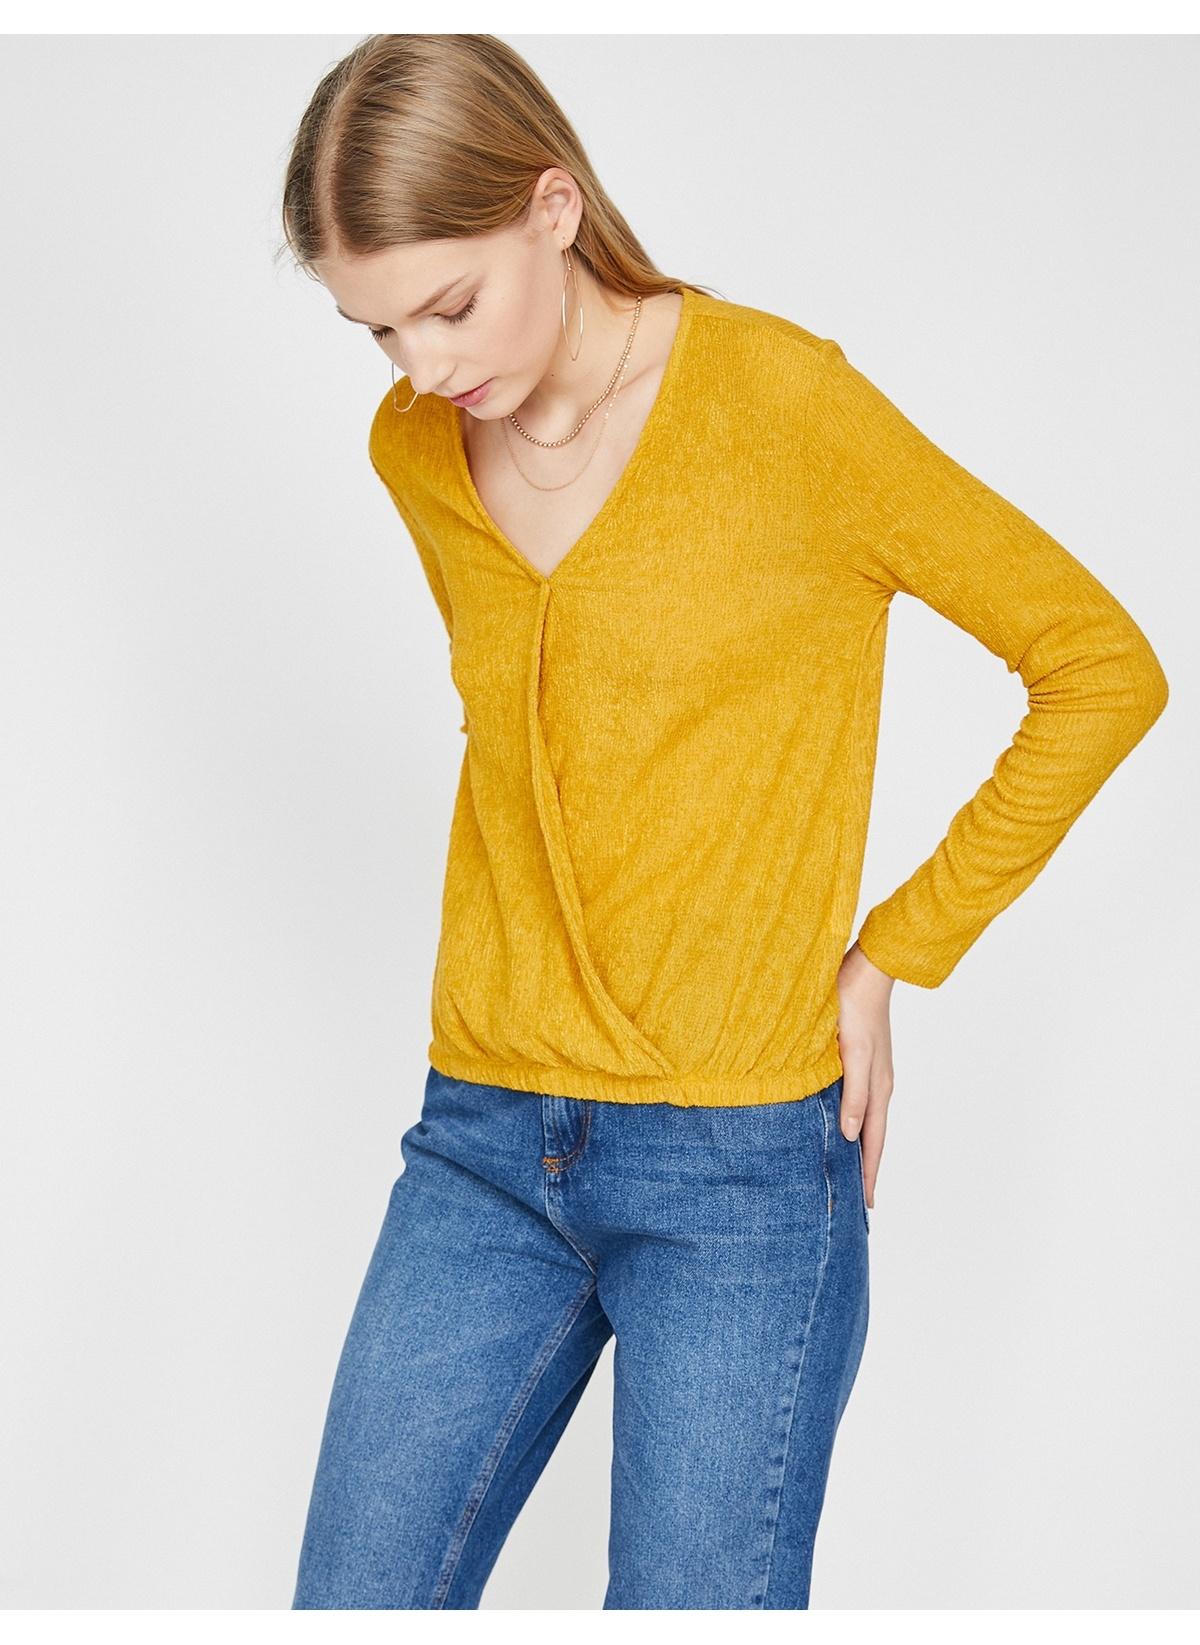 Koton Kadın Tişört Sarı L Beden